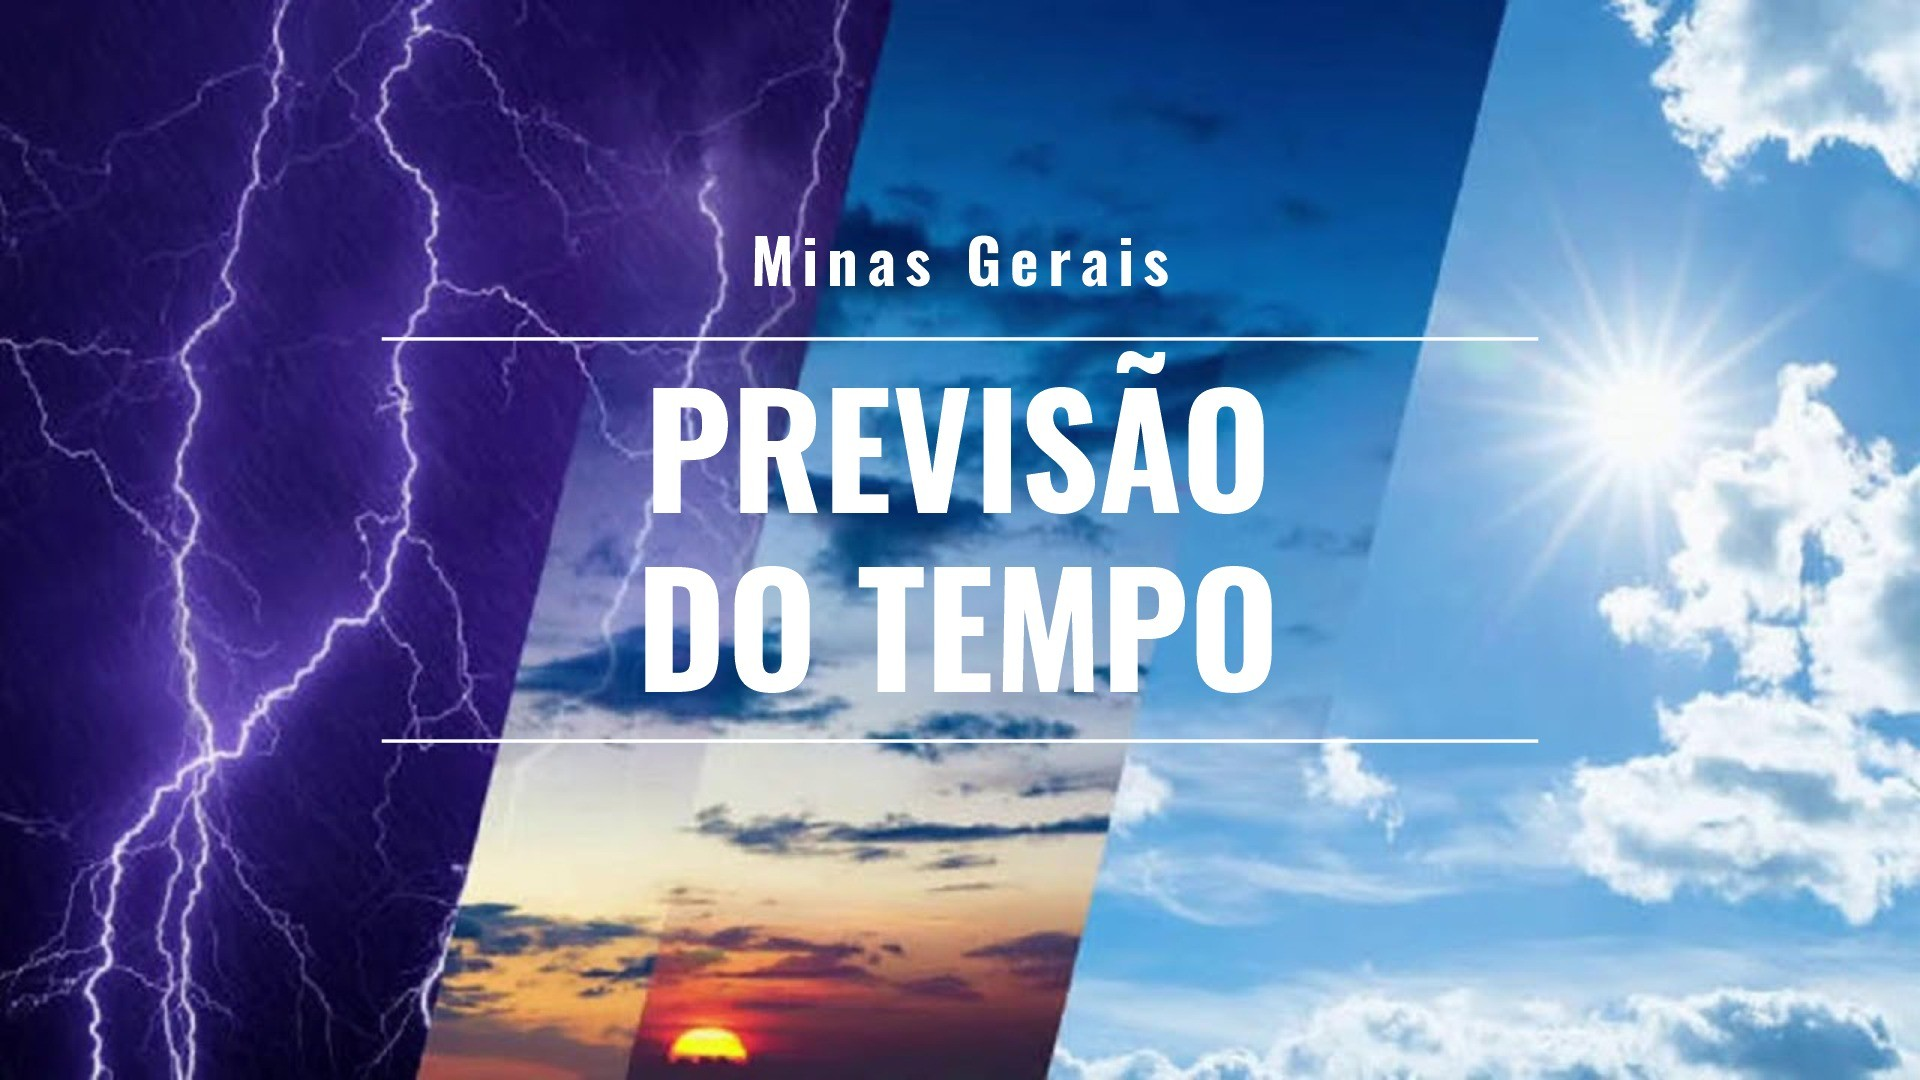 Previsão do tempo para Minas Gerais nesta segunda-feira, 20 de setembro